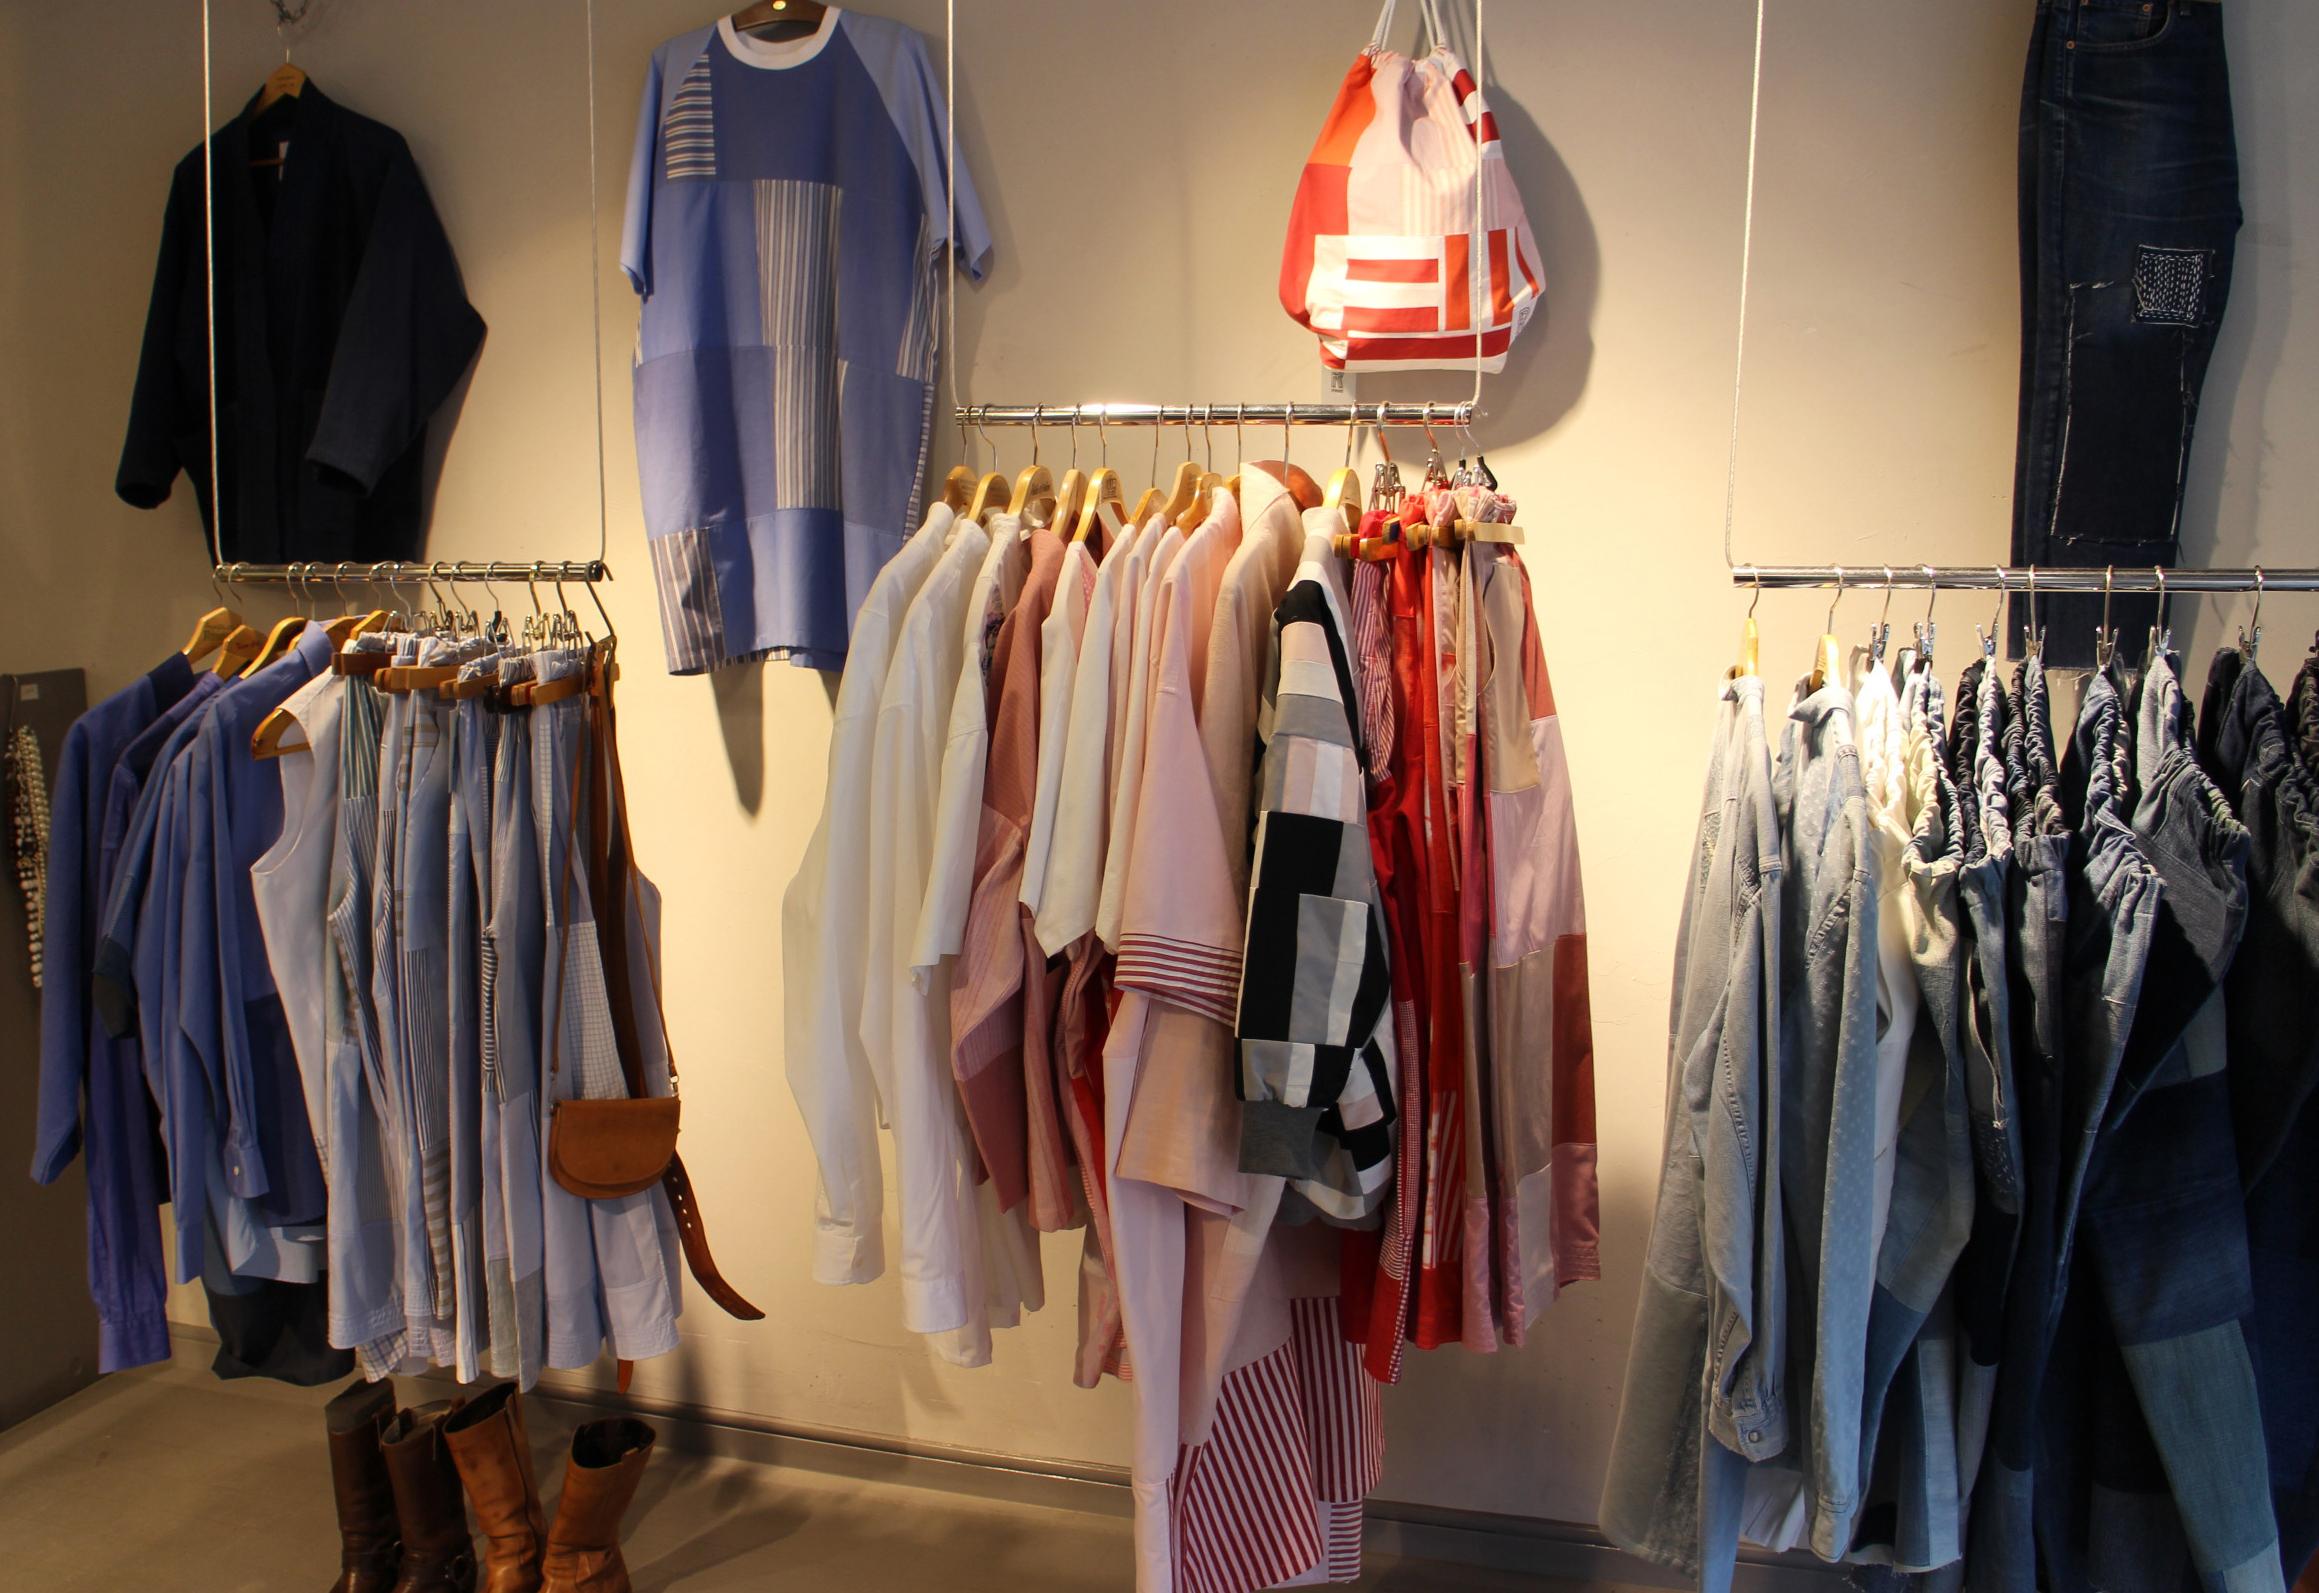 b04430b209d3 Hyr dina kläder hos Remake | Stockholms Stadsmission